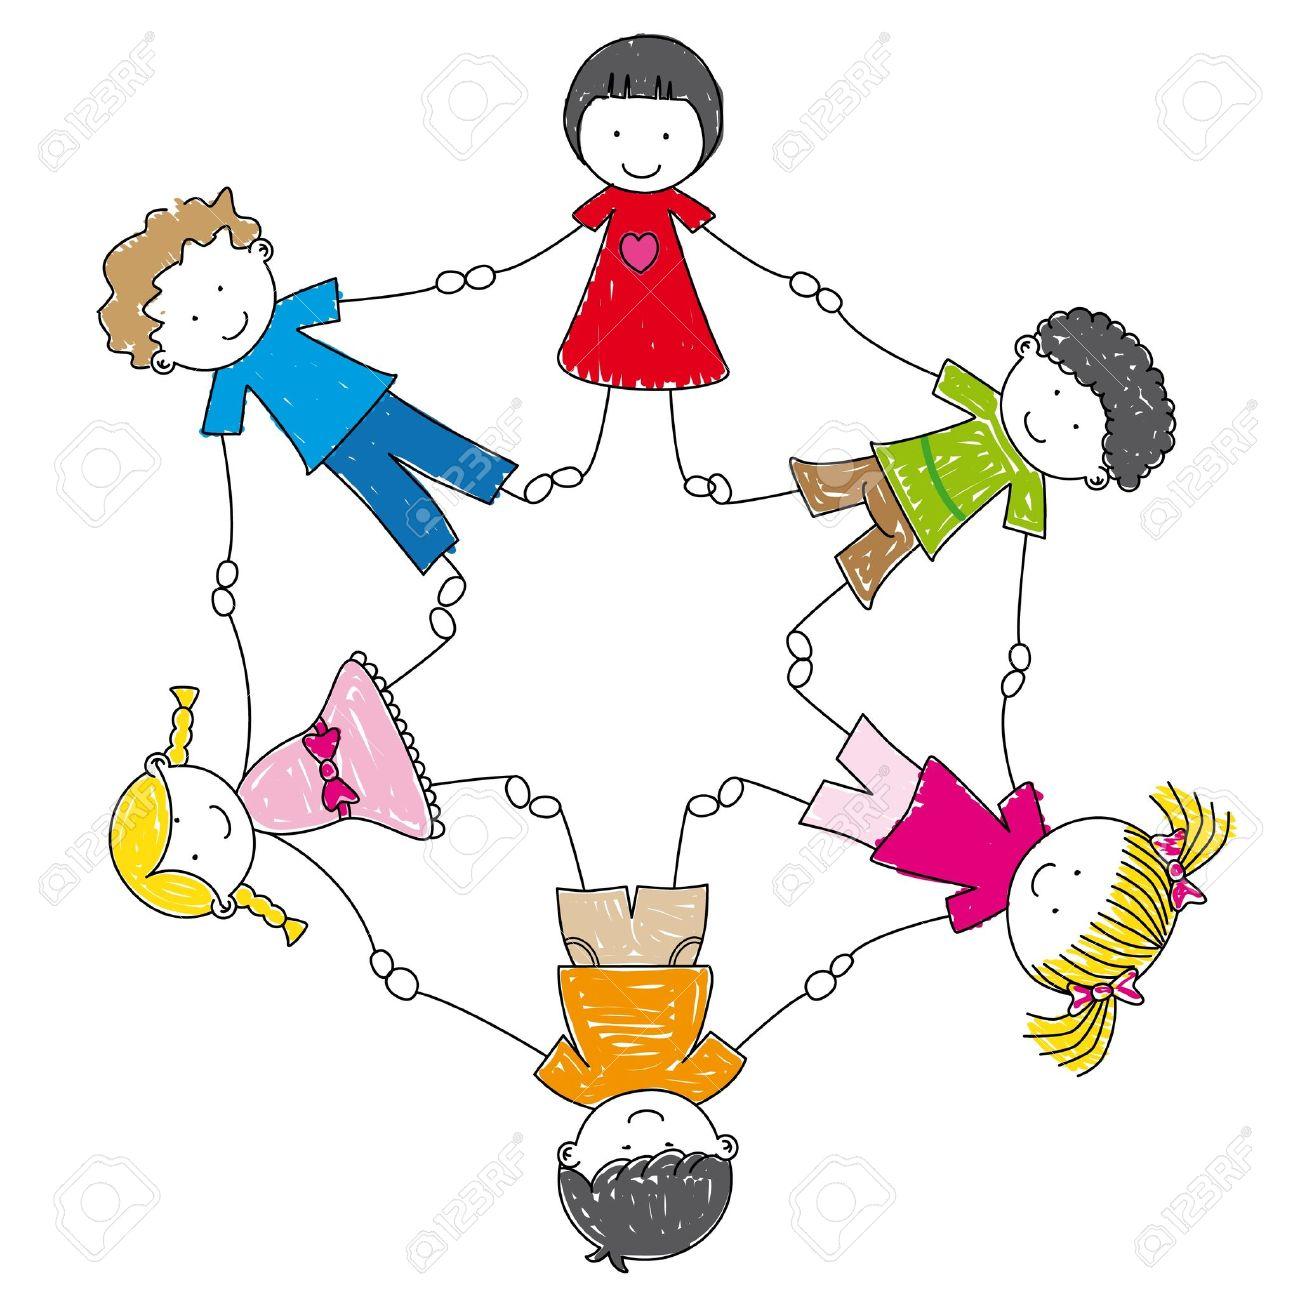 ronde enfants Illustration des enfants se tenant la main dans un cercle